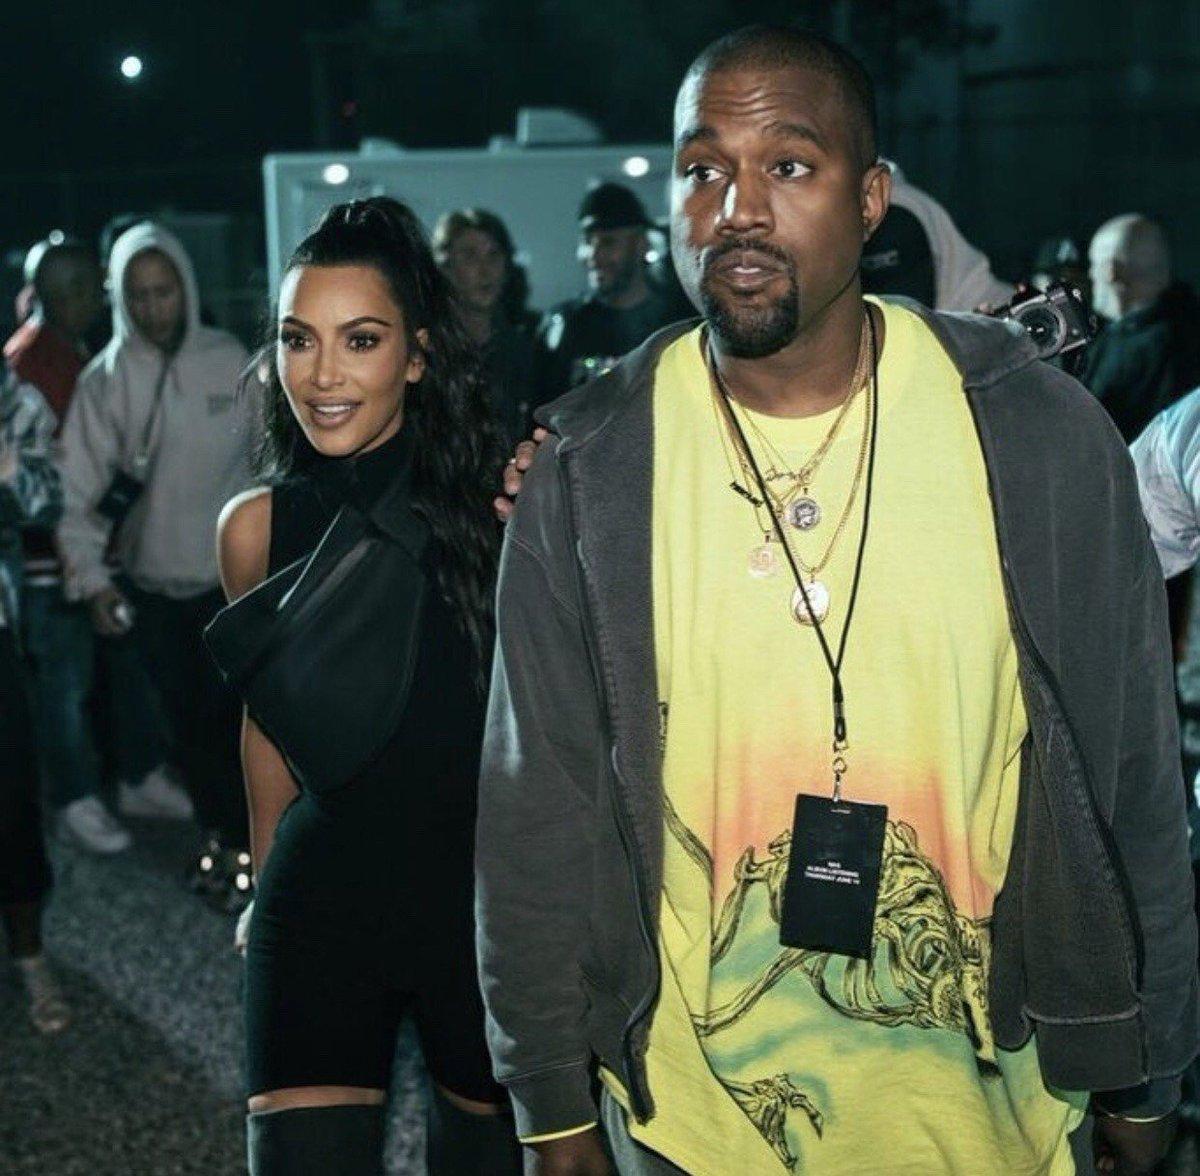 RT @hypeandpower: Kim Kardashian x Kanye West https://t.co/zq2crvsJ1r